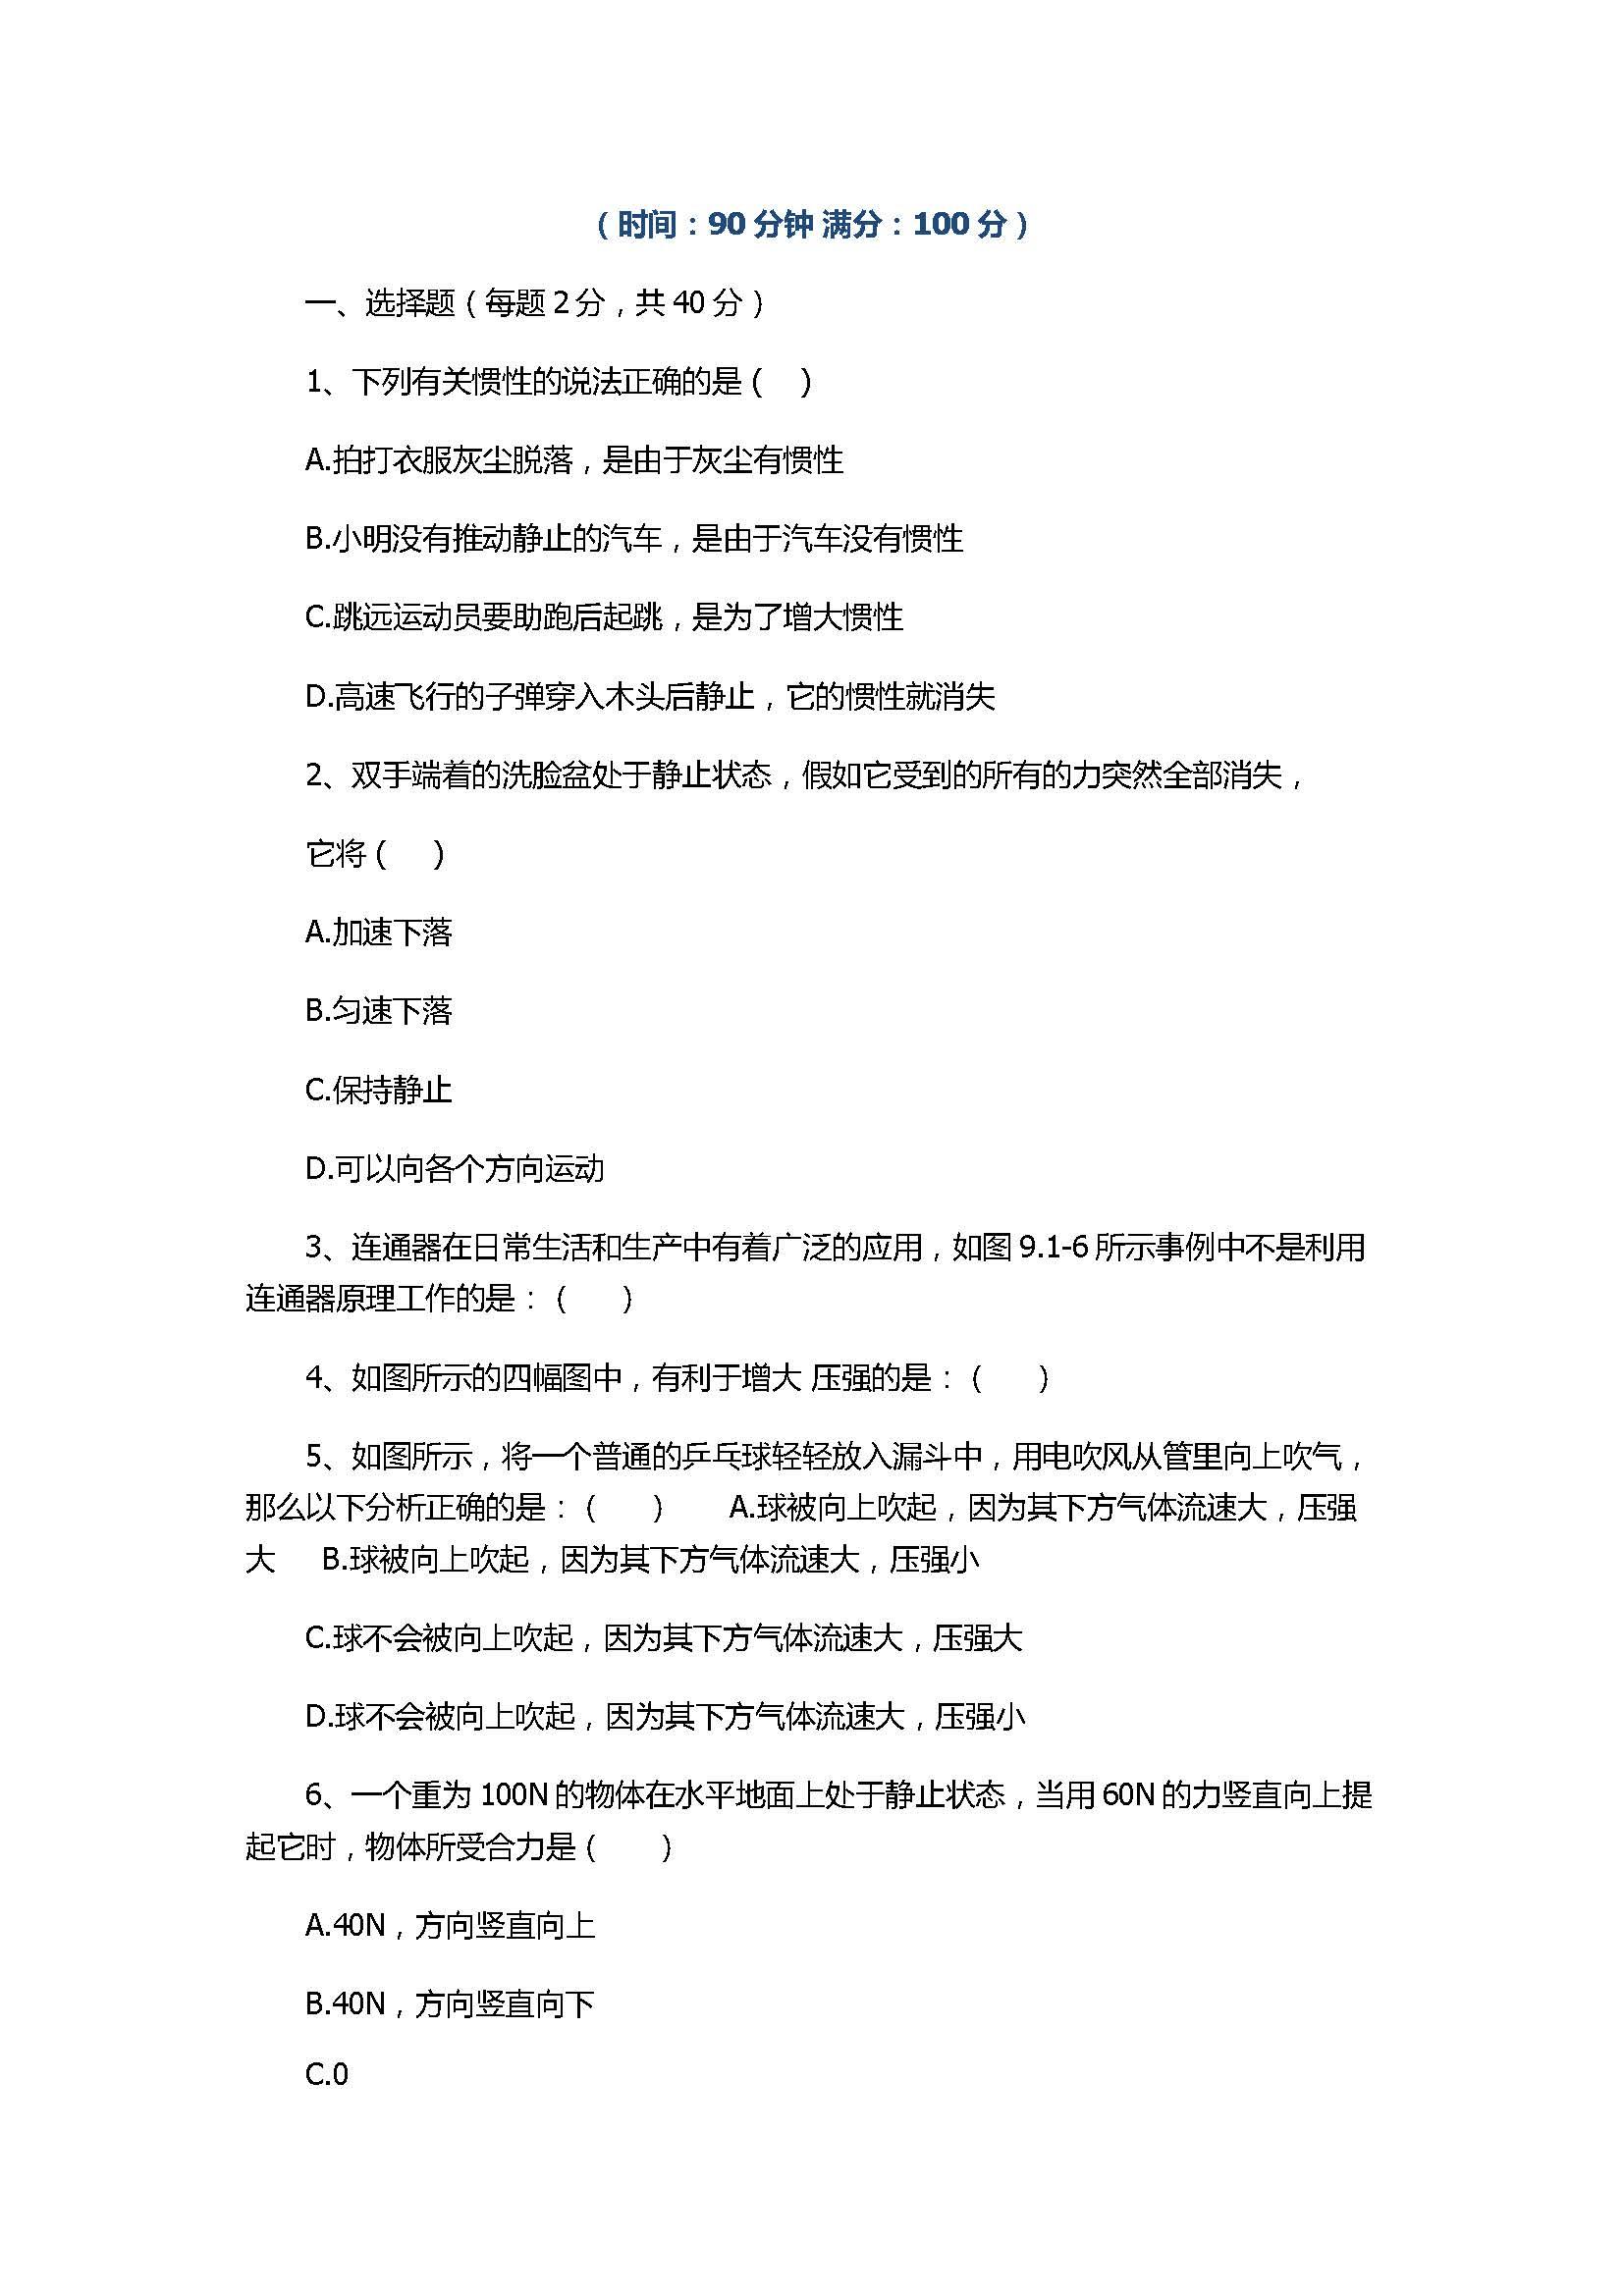 2017八年级下册物理期中测试题附参考答案(临沭县)